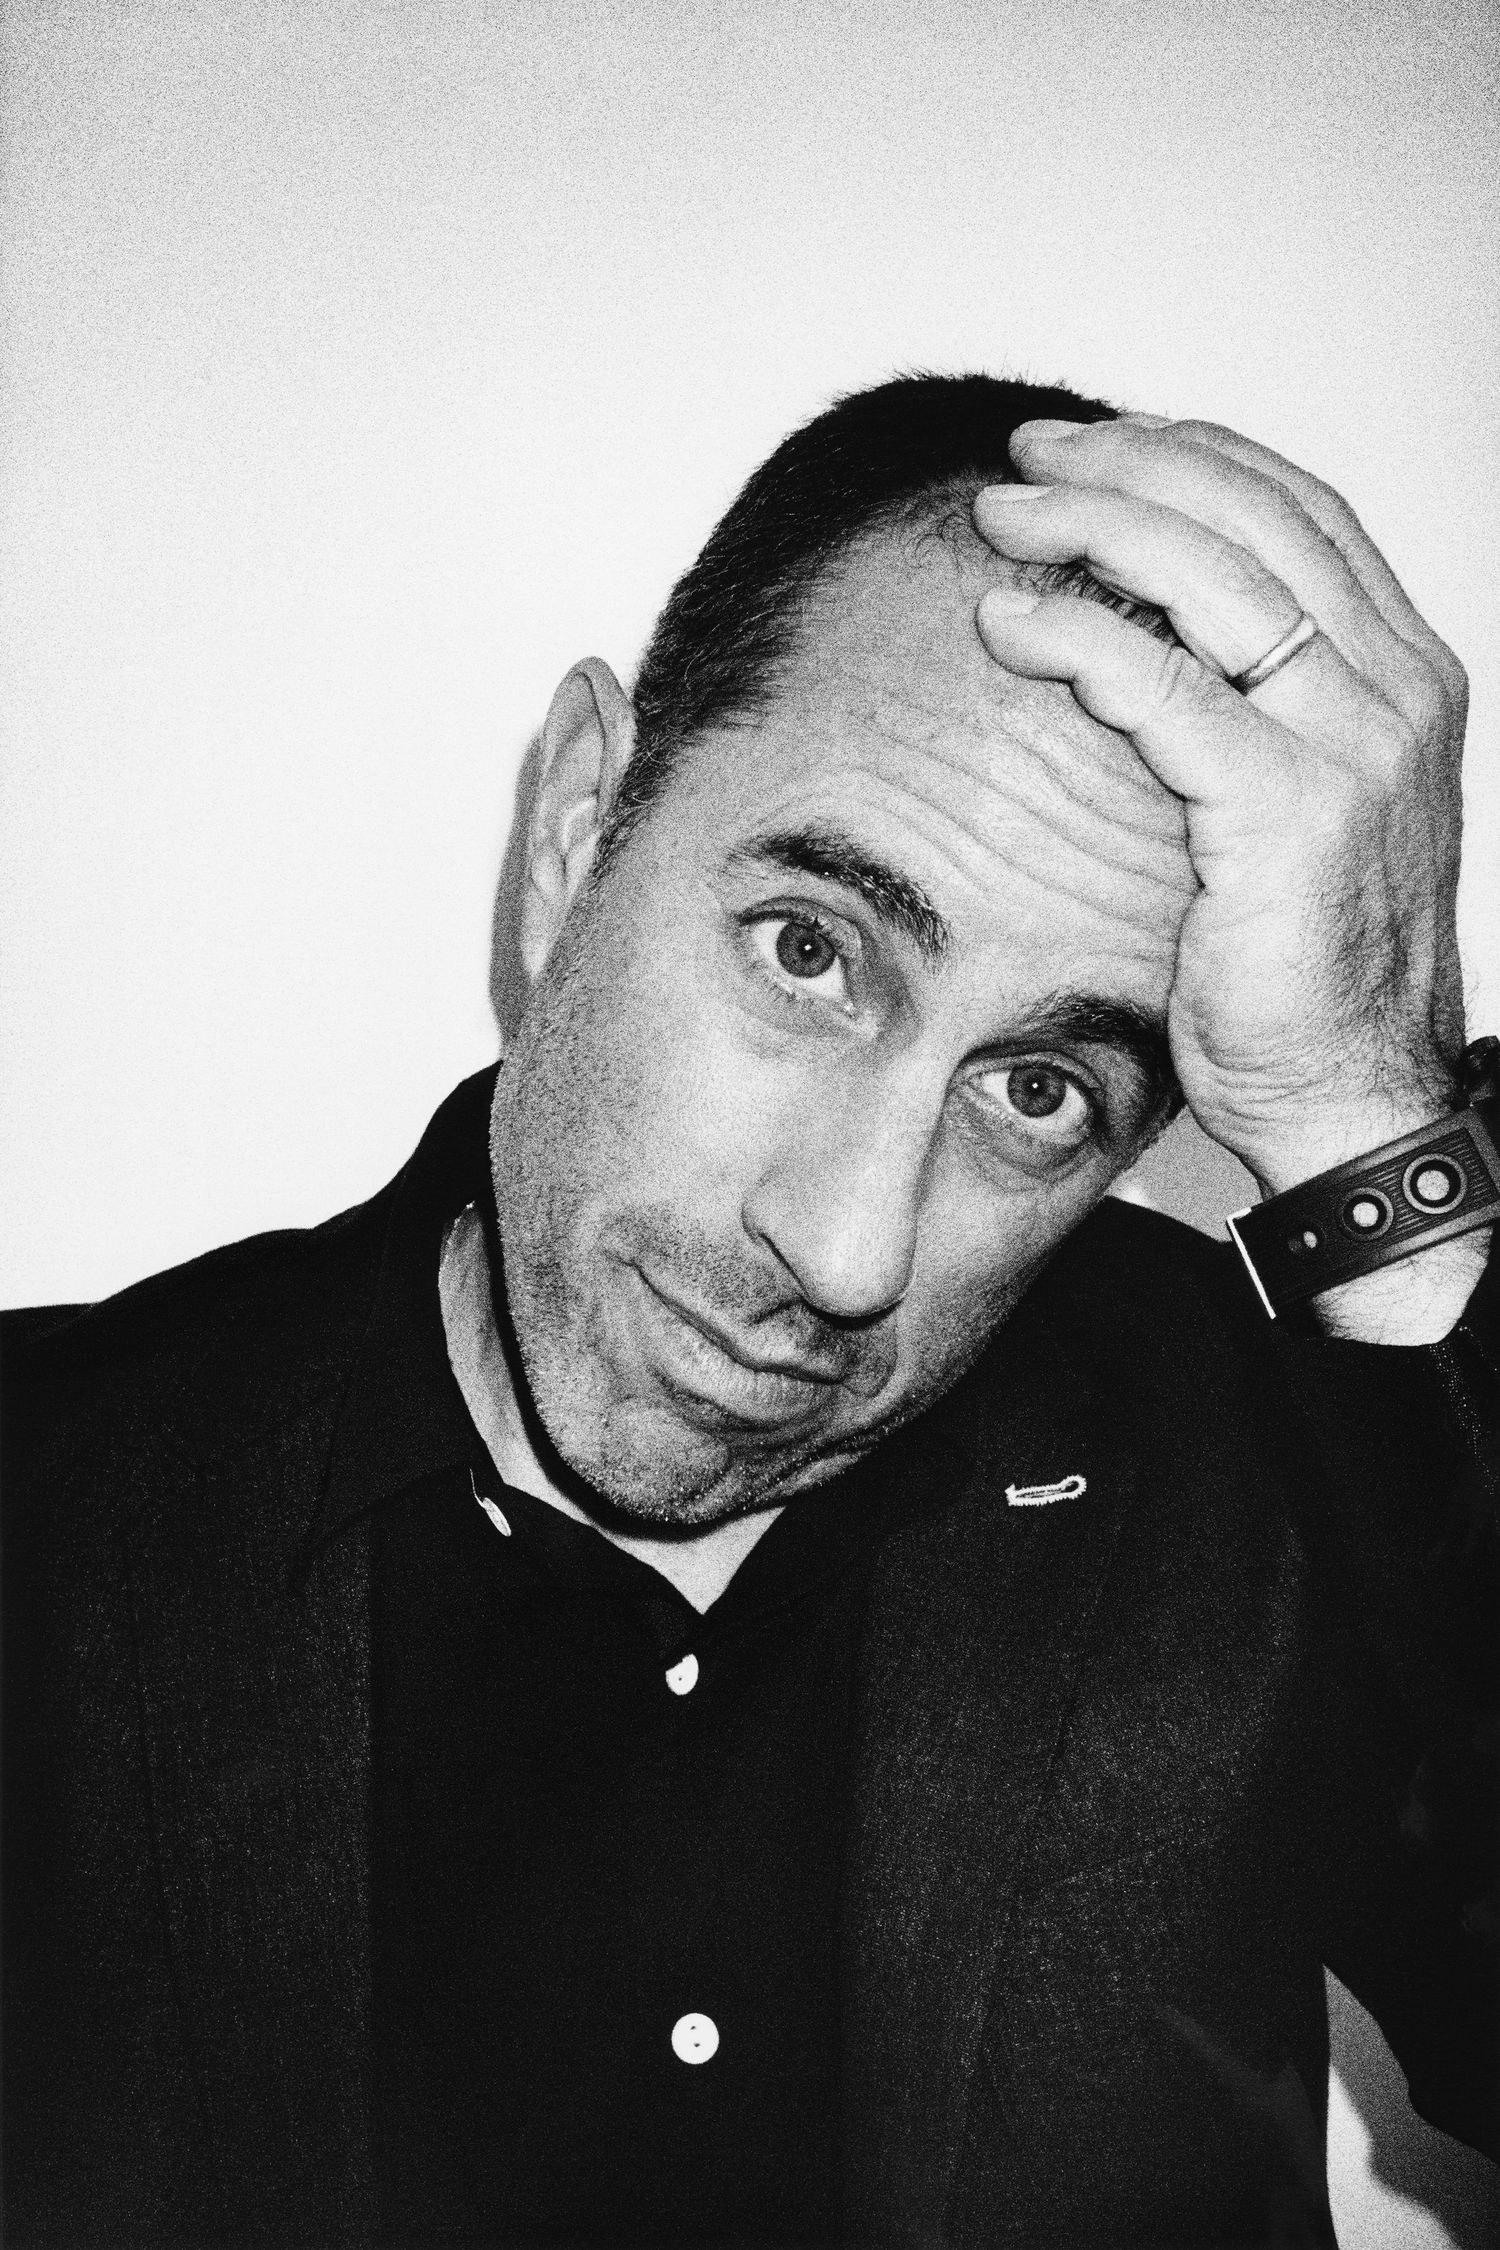 Jerry Seinfeld ten words